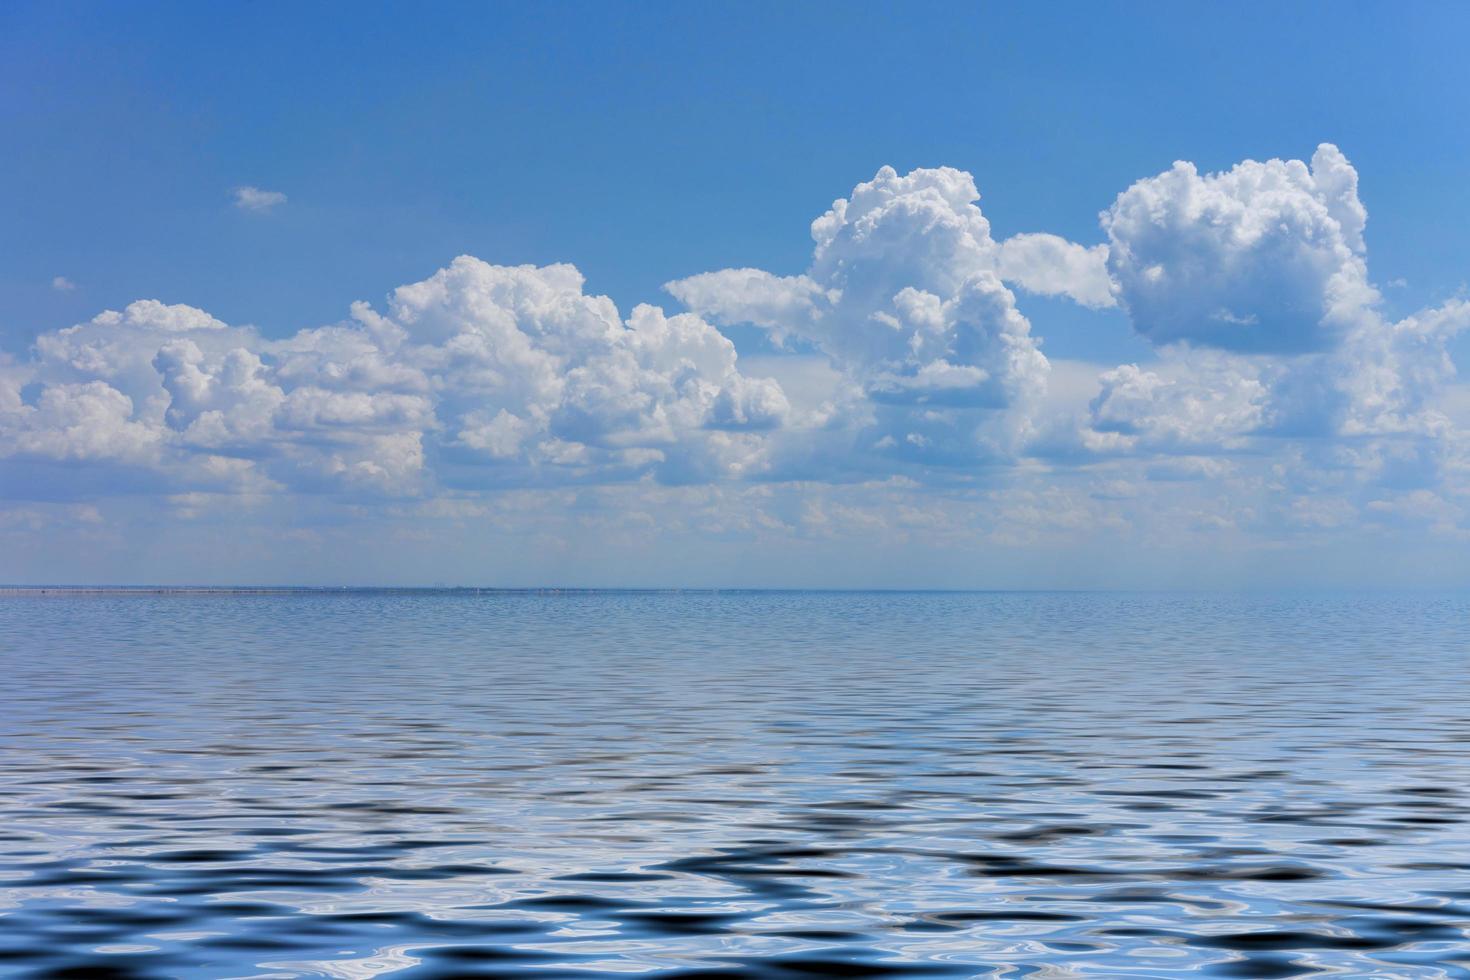 paysage marin avec une grande plage de galets et une mer bleue à l'horizon. photo